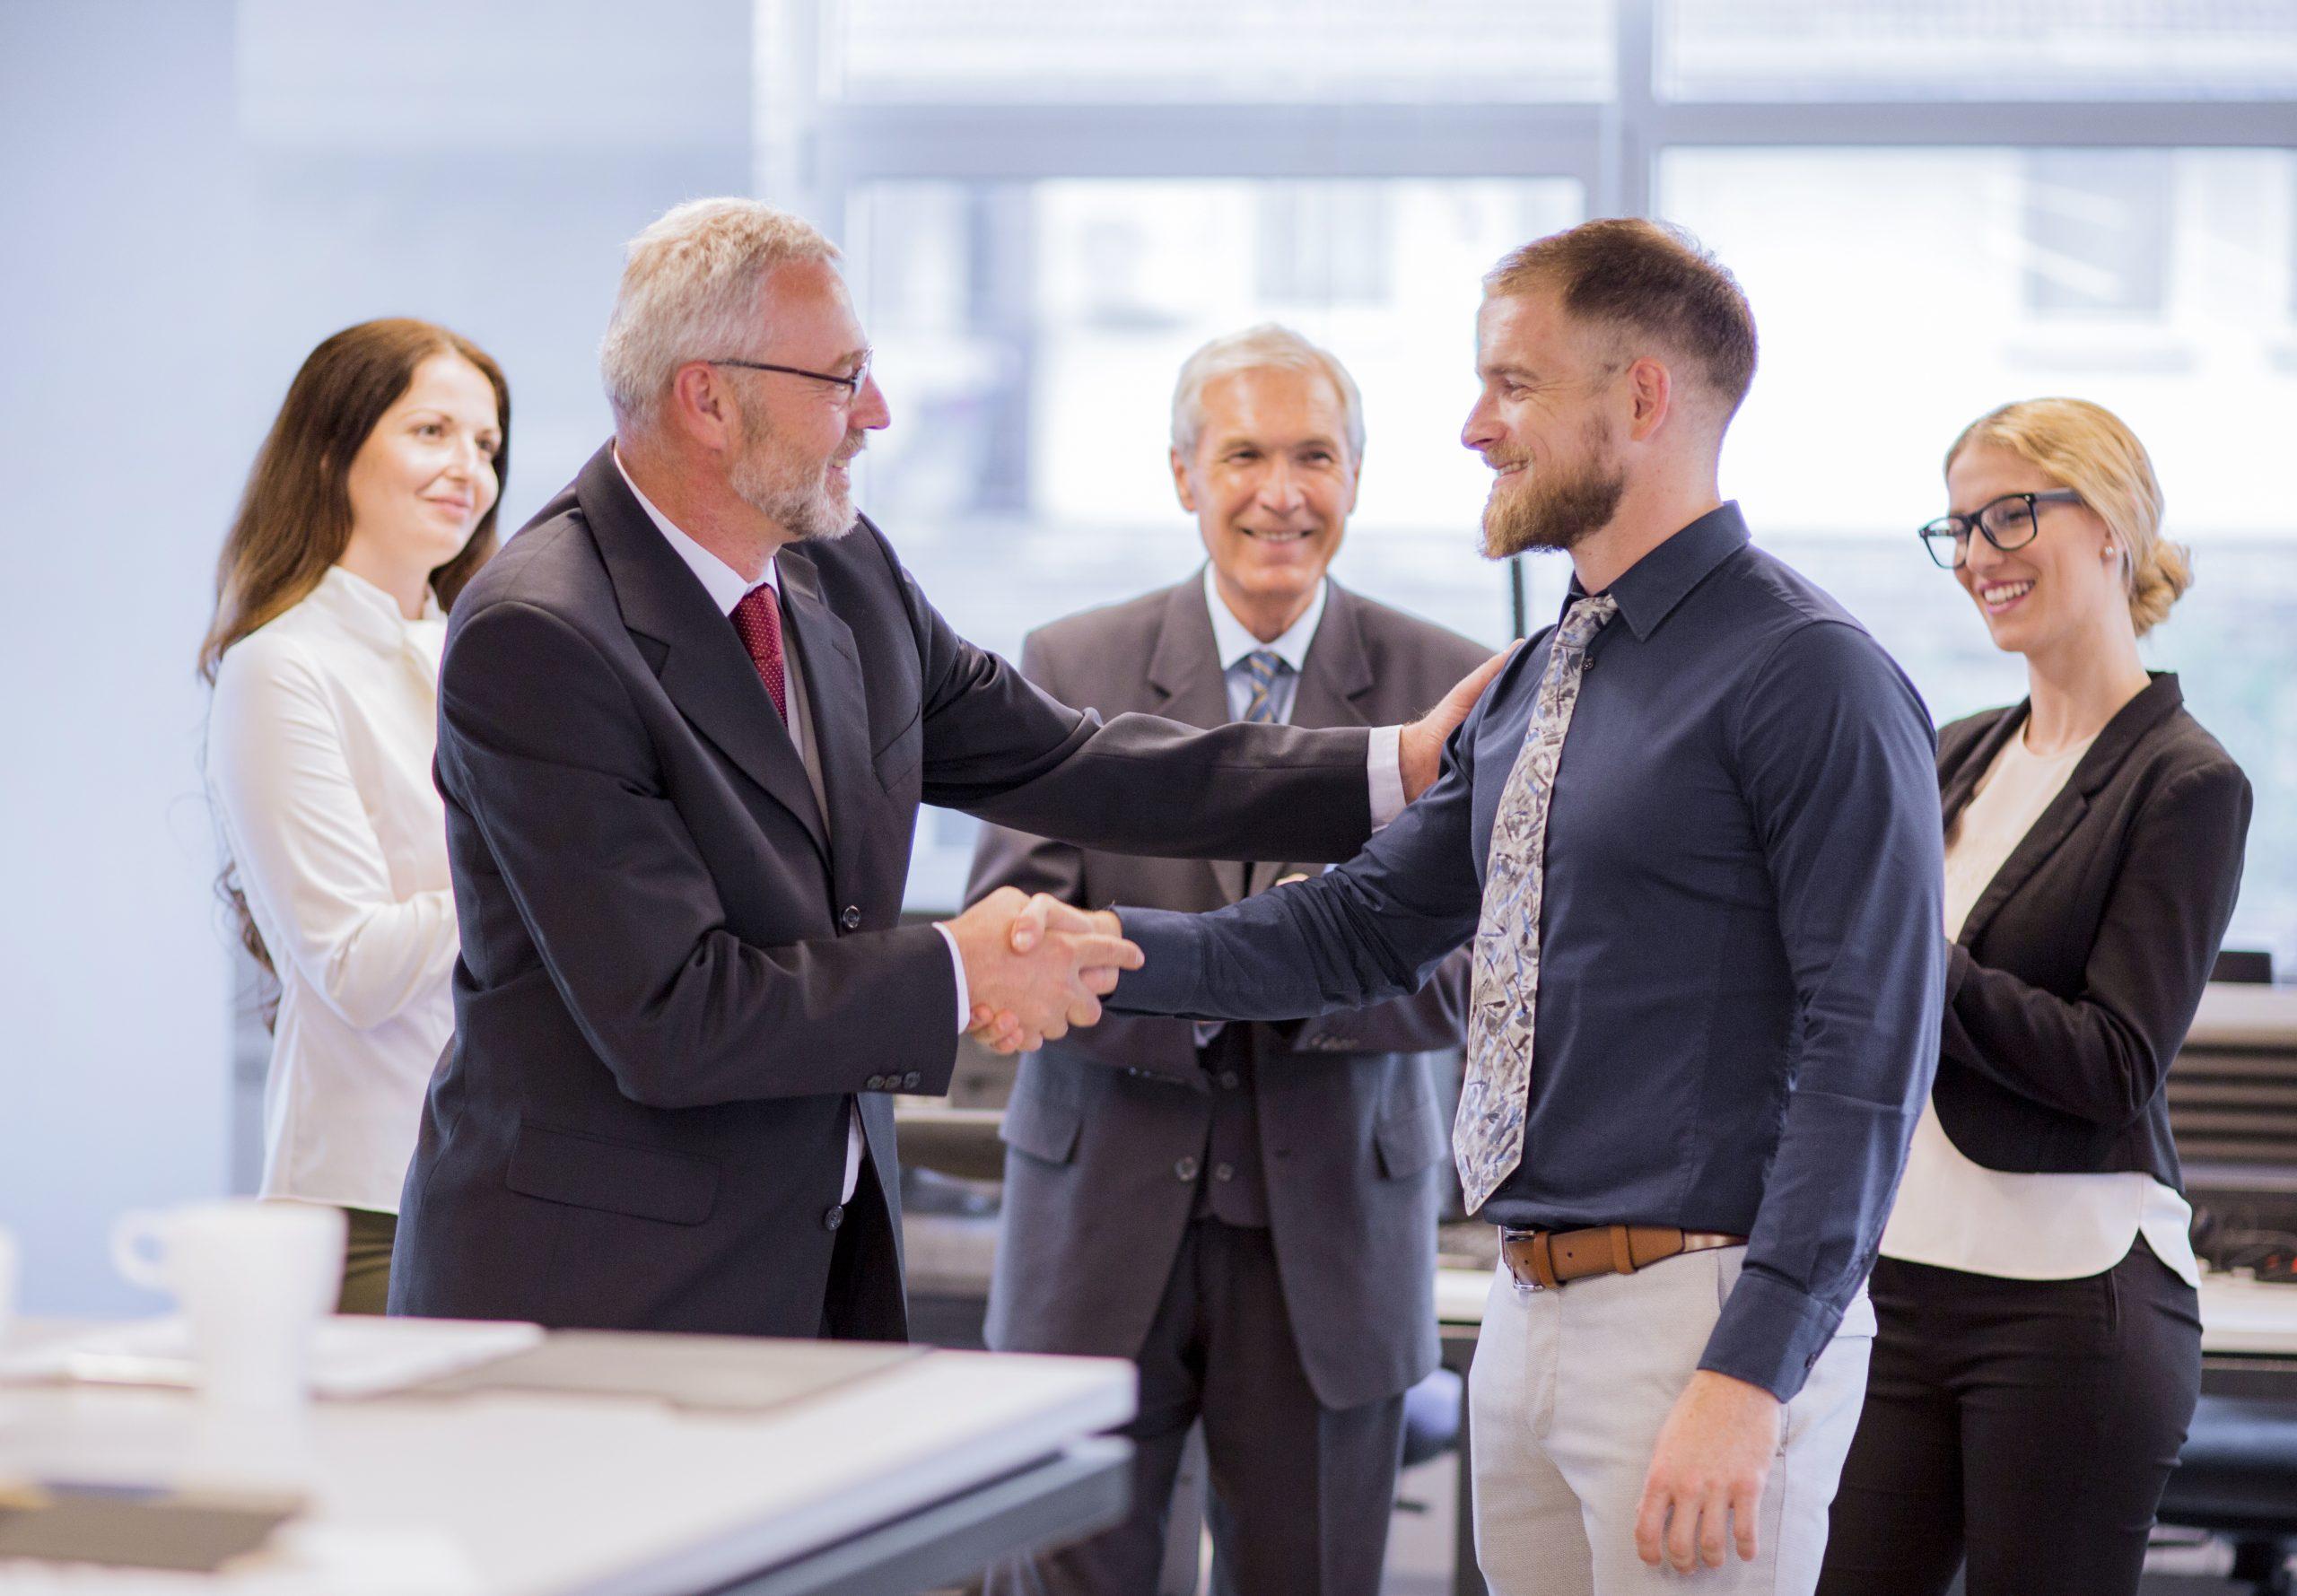 Jak być dobrym szefem? Szef gratuluje podwładnemu awansu